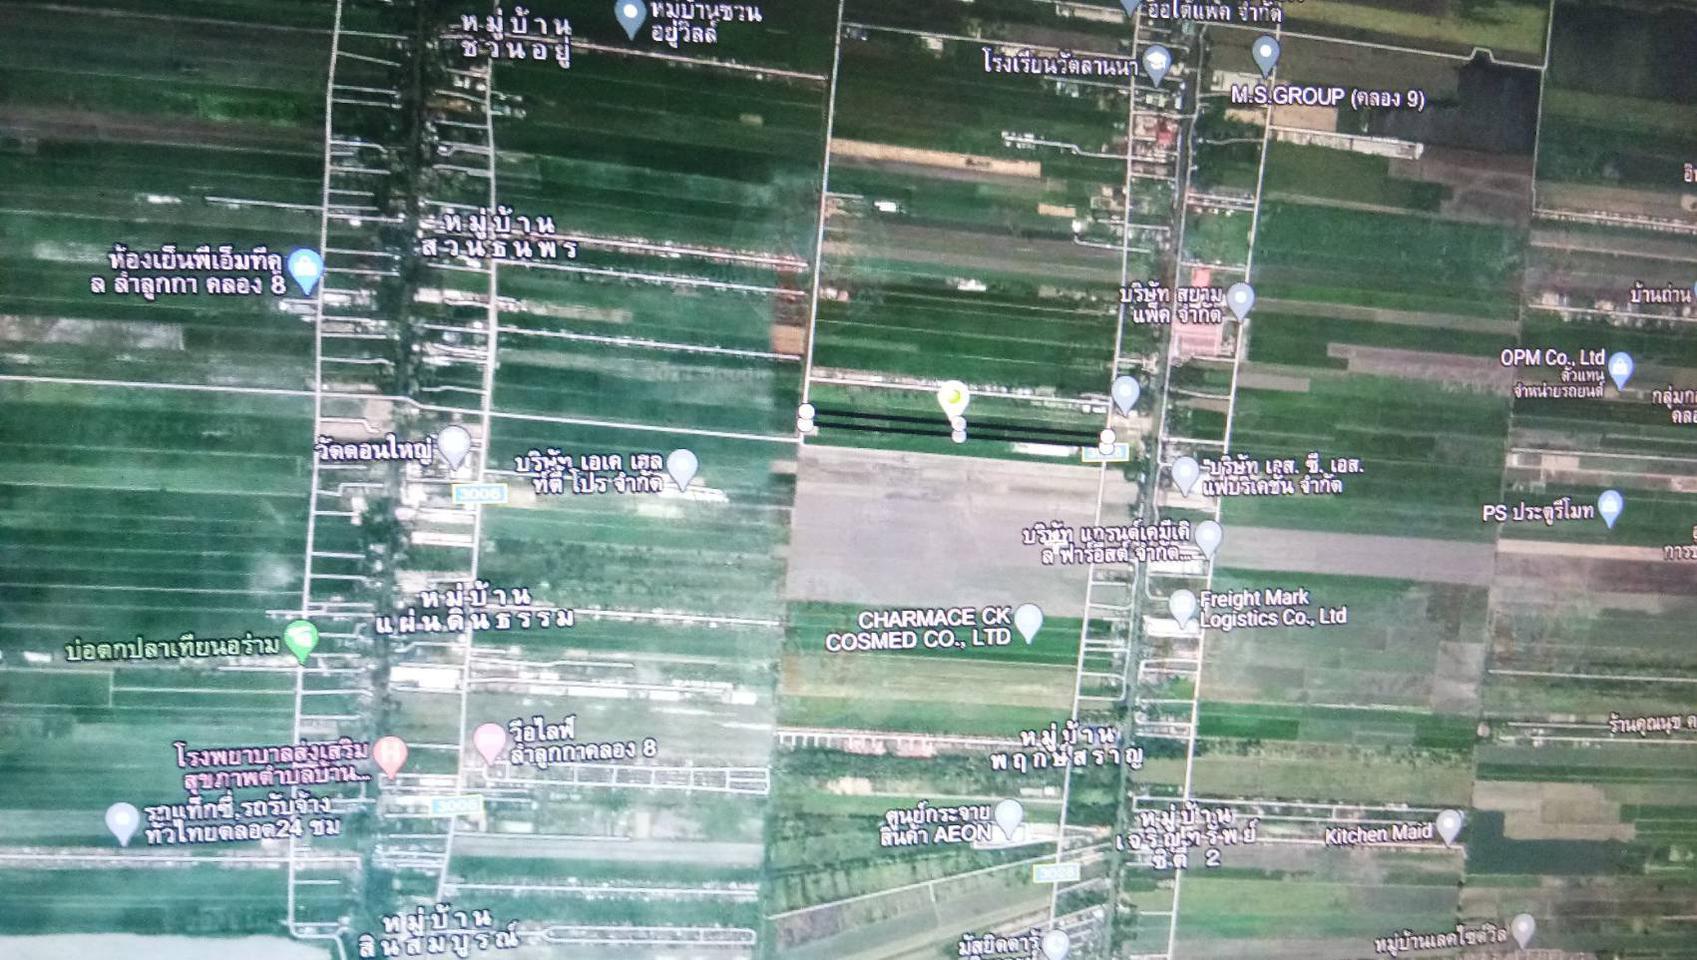 ขายที่ดินเปล่าในถนนลำลูกกาคลอง 9 จังหวัดปทุมธานี รูปที่ 1